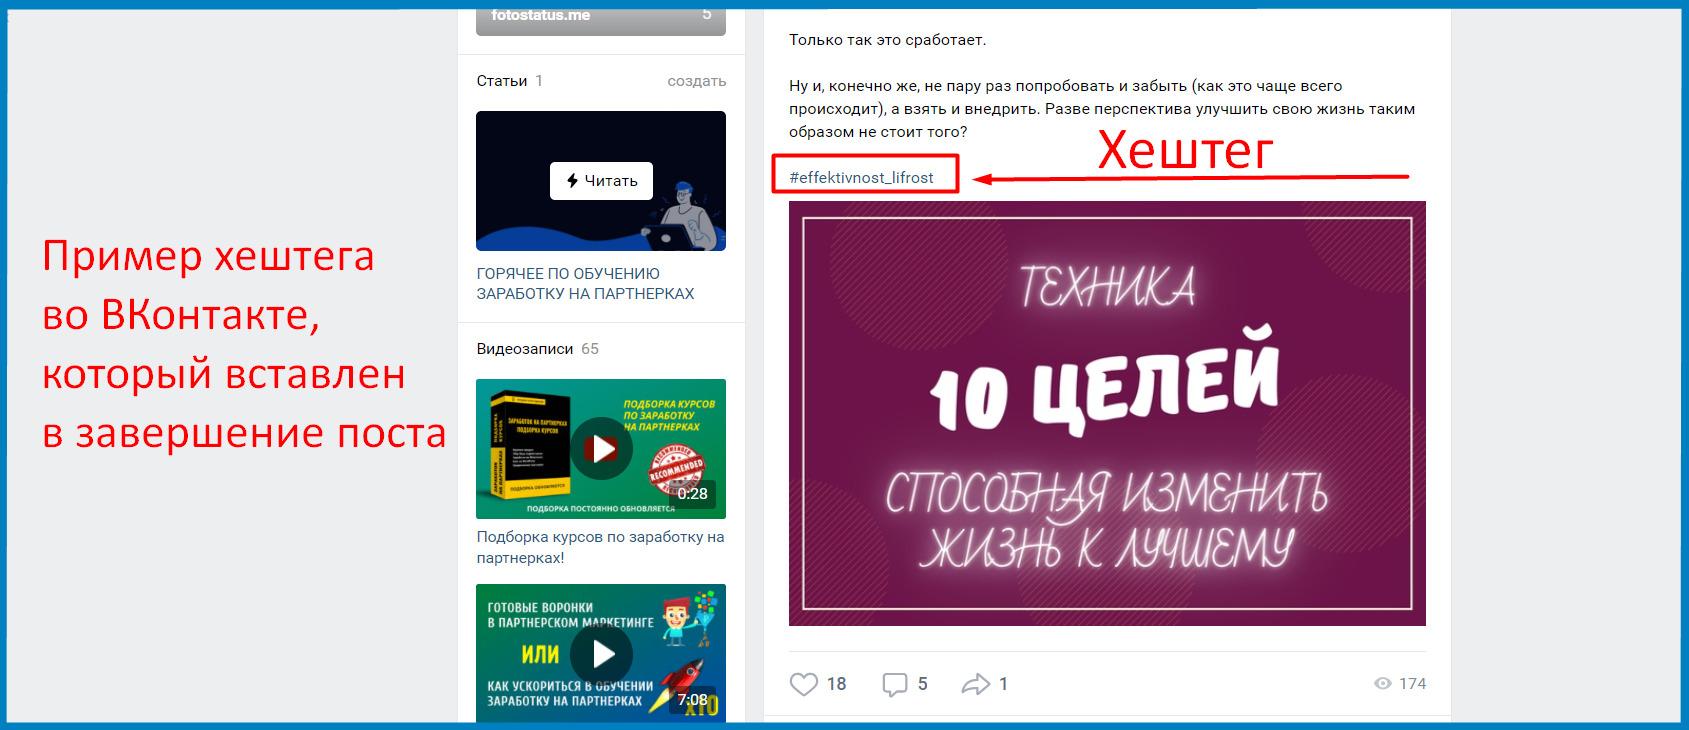 Пример хештега во ВКонтакте в завершение поста (картинка)